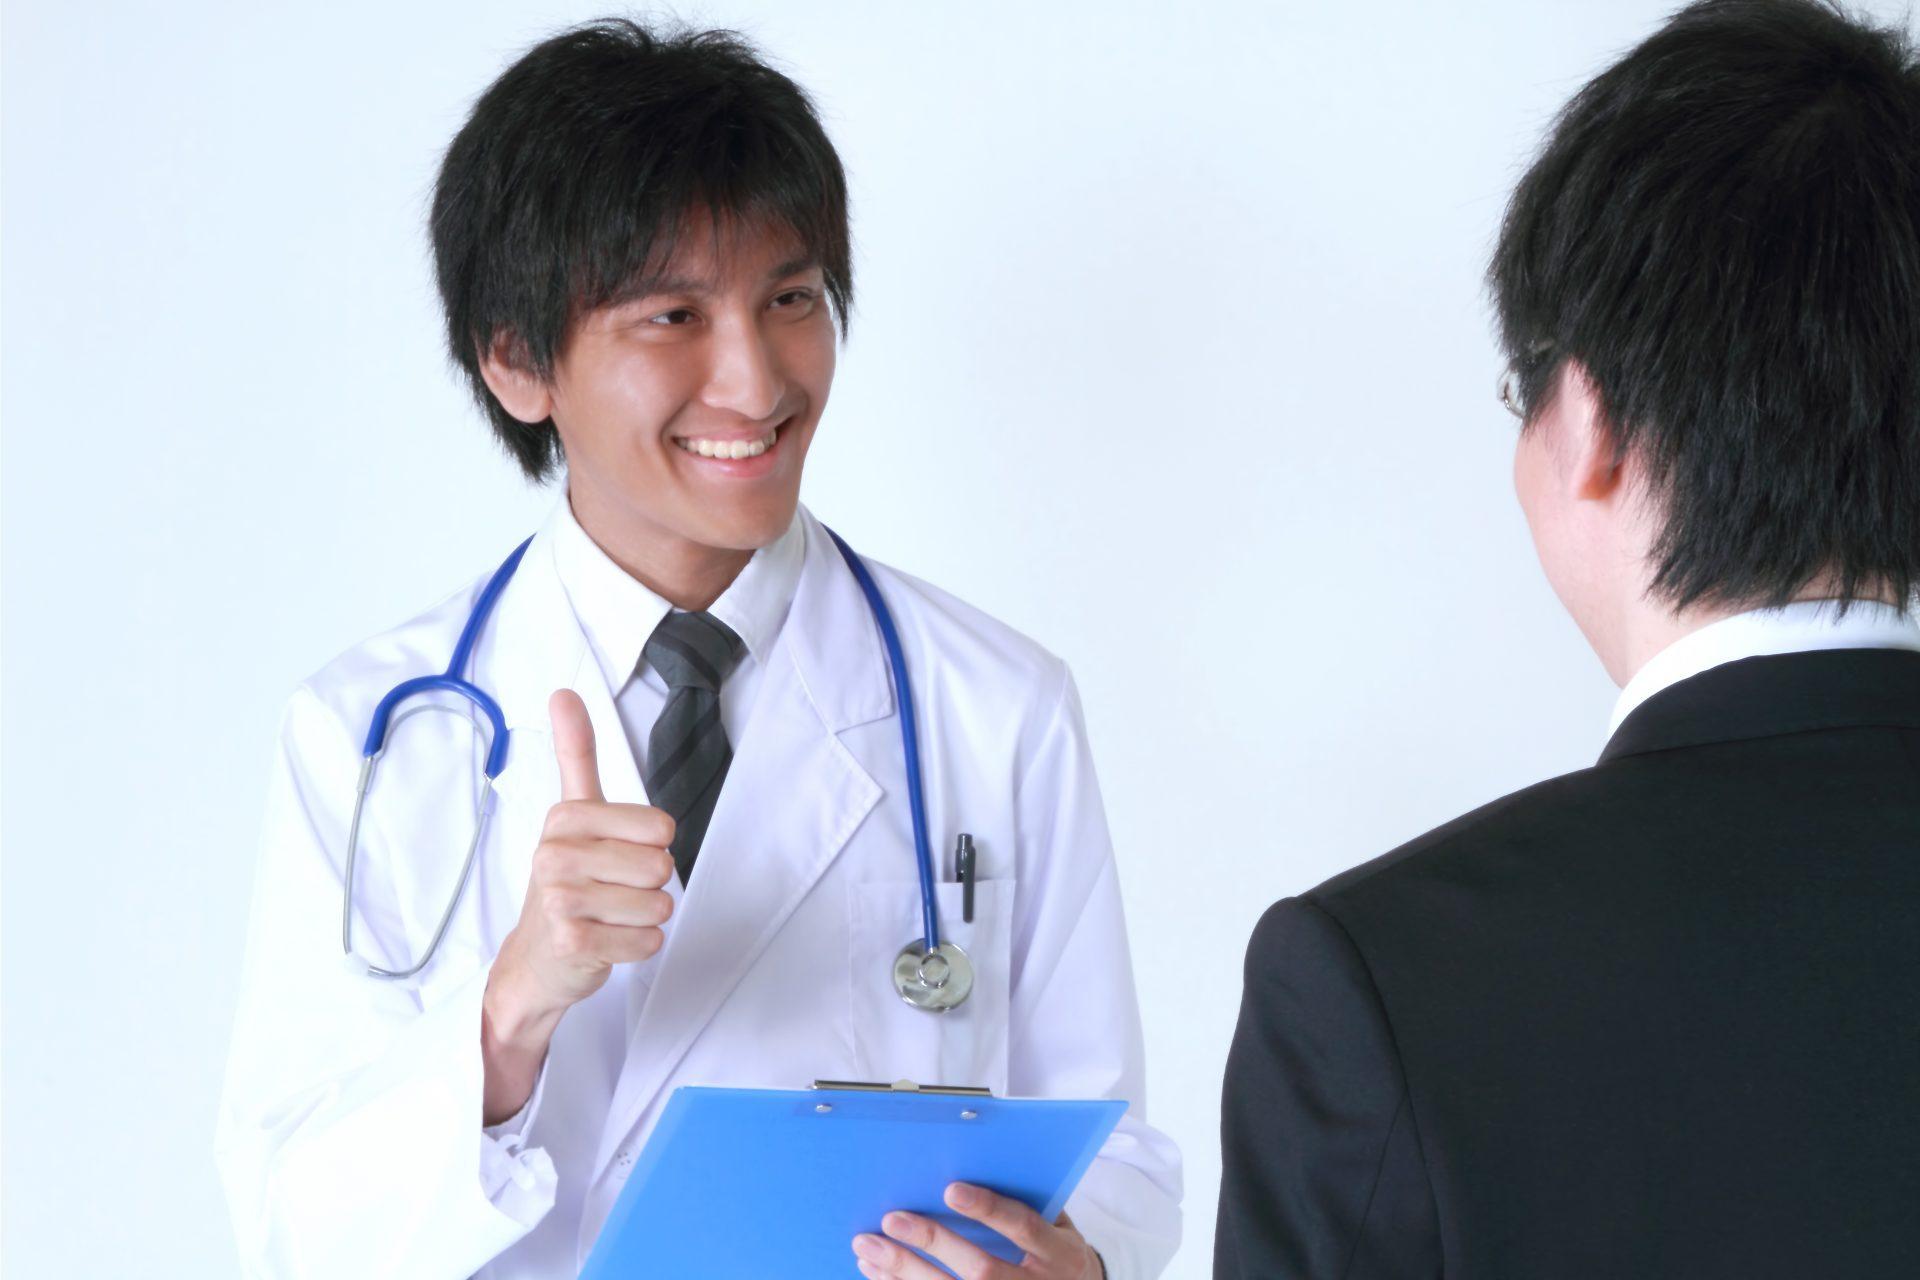 プレゼンテーションで誰もが「名医」に!ドクターが自然に頼られる魔法の技術!